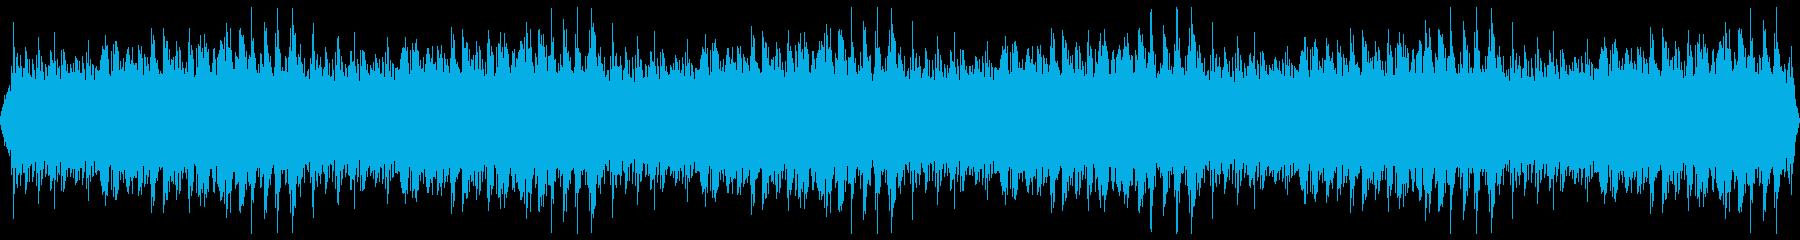 穏やかに折り重なるピアノのフレーズの再生済みの波形